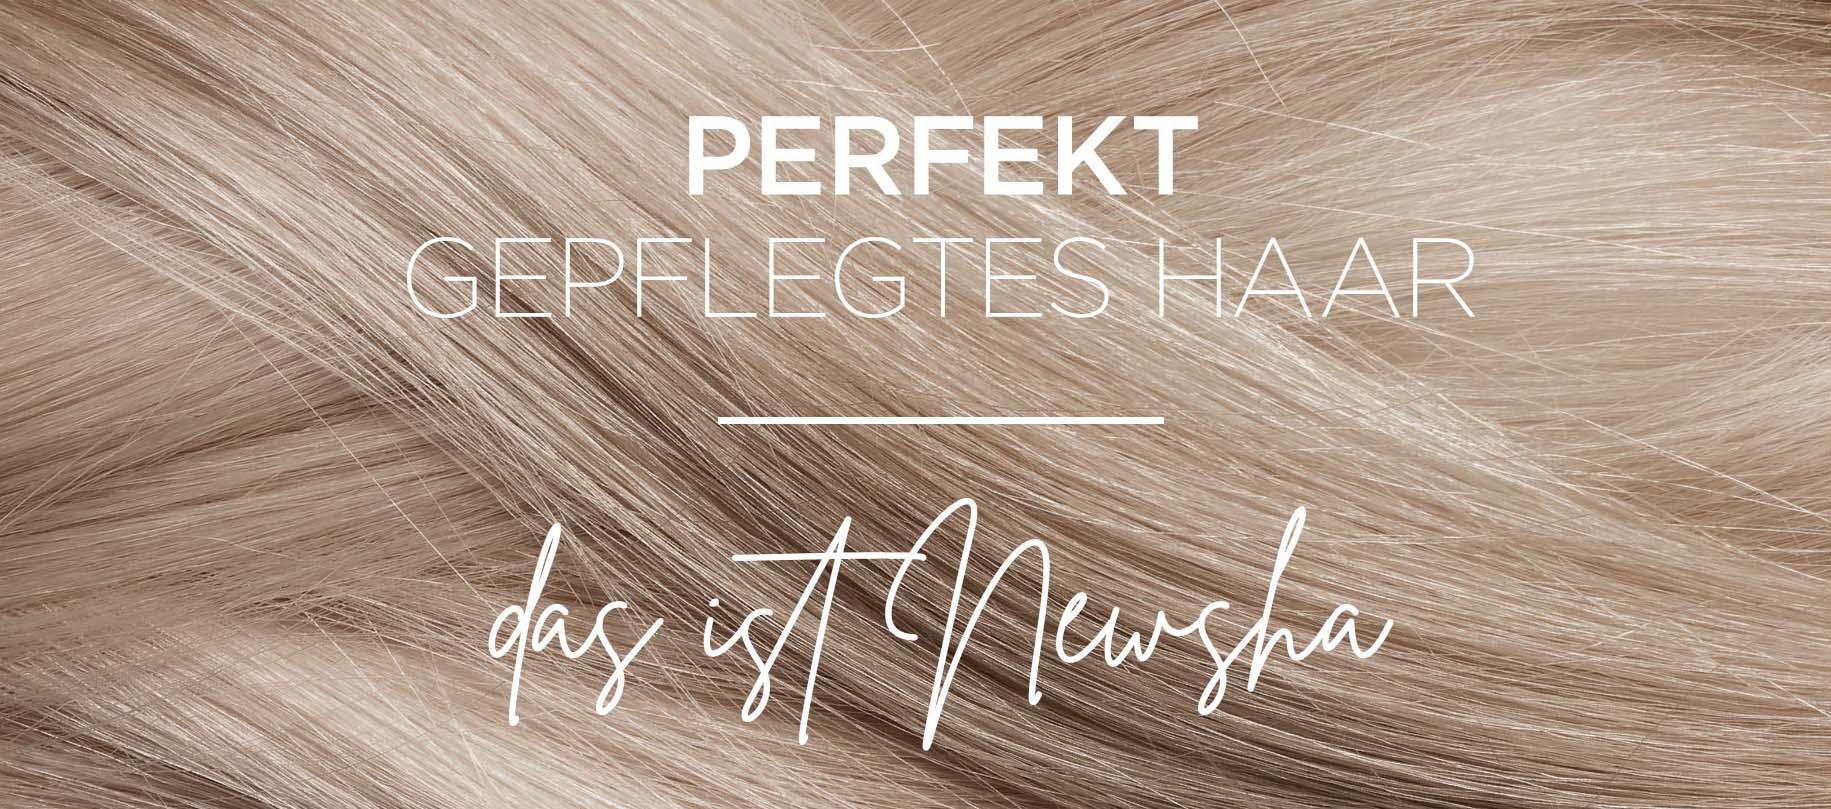 Newsha – perfekt gepflegtes Haar